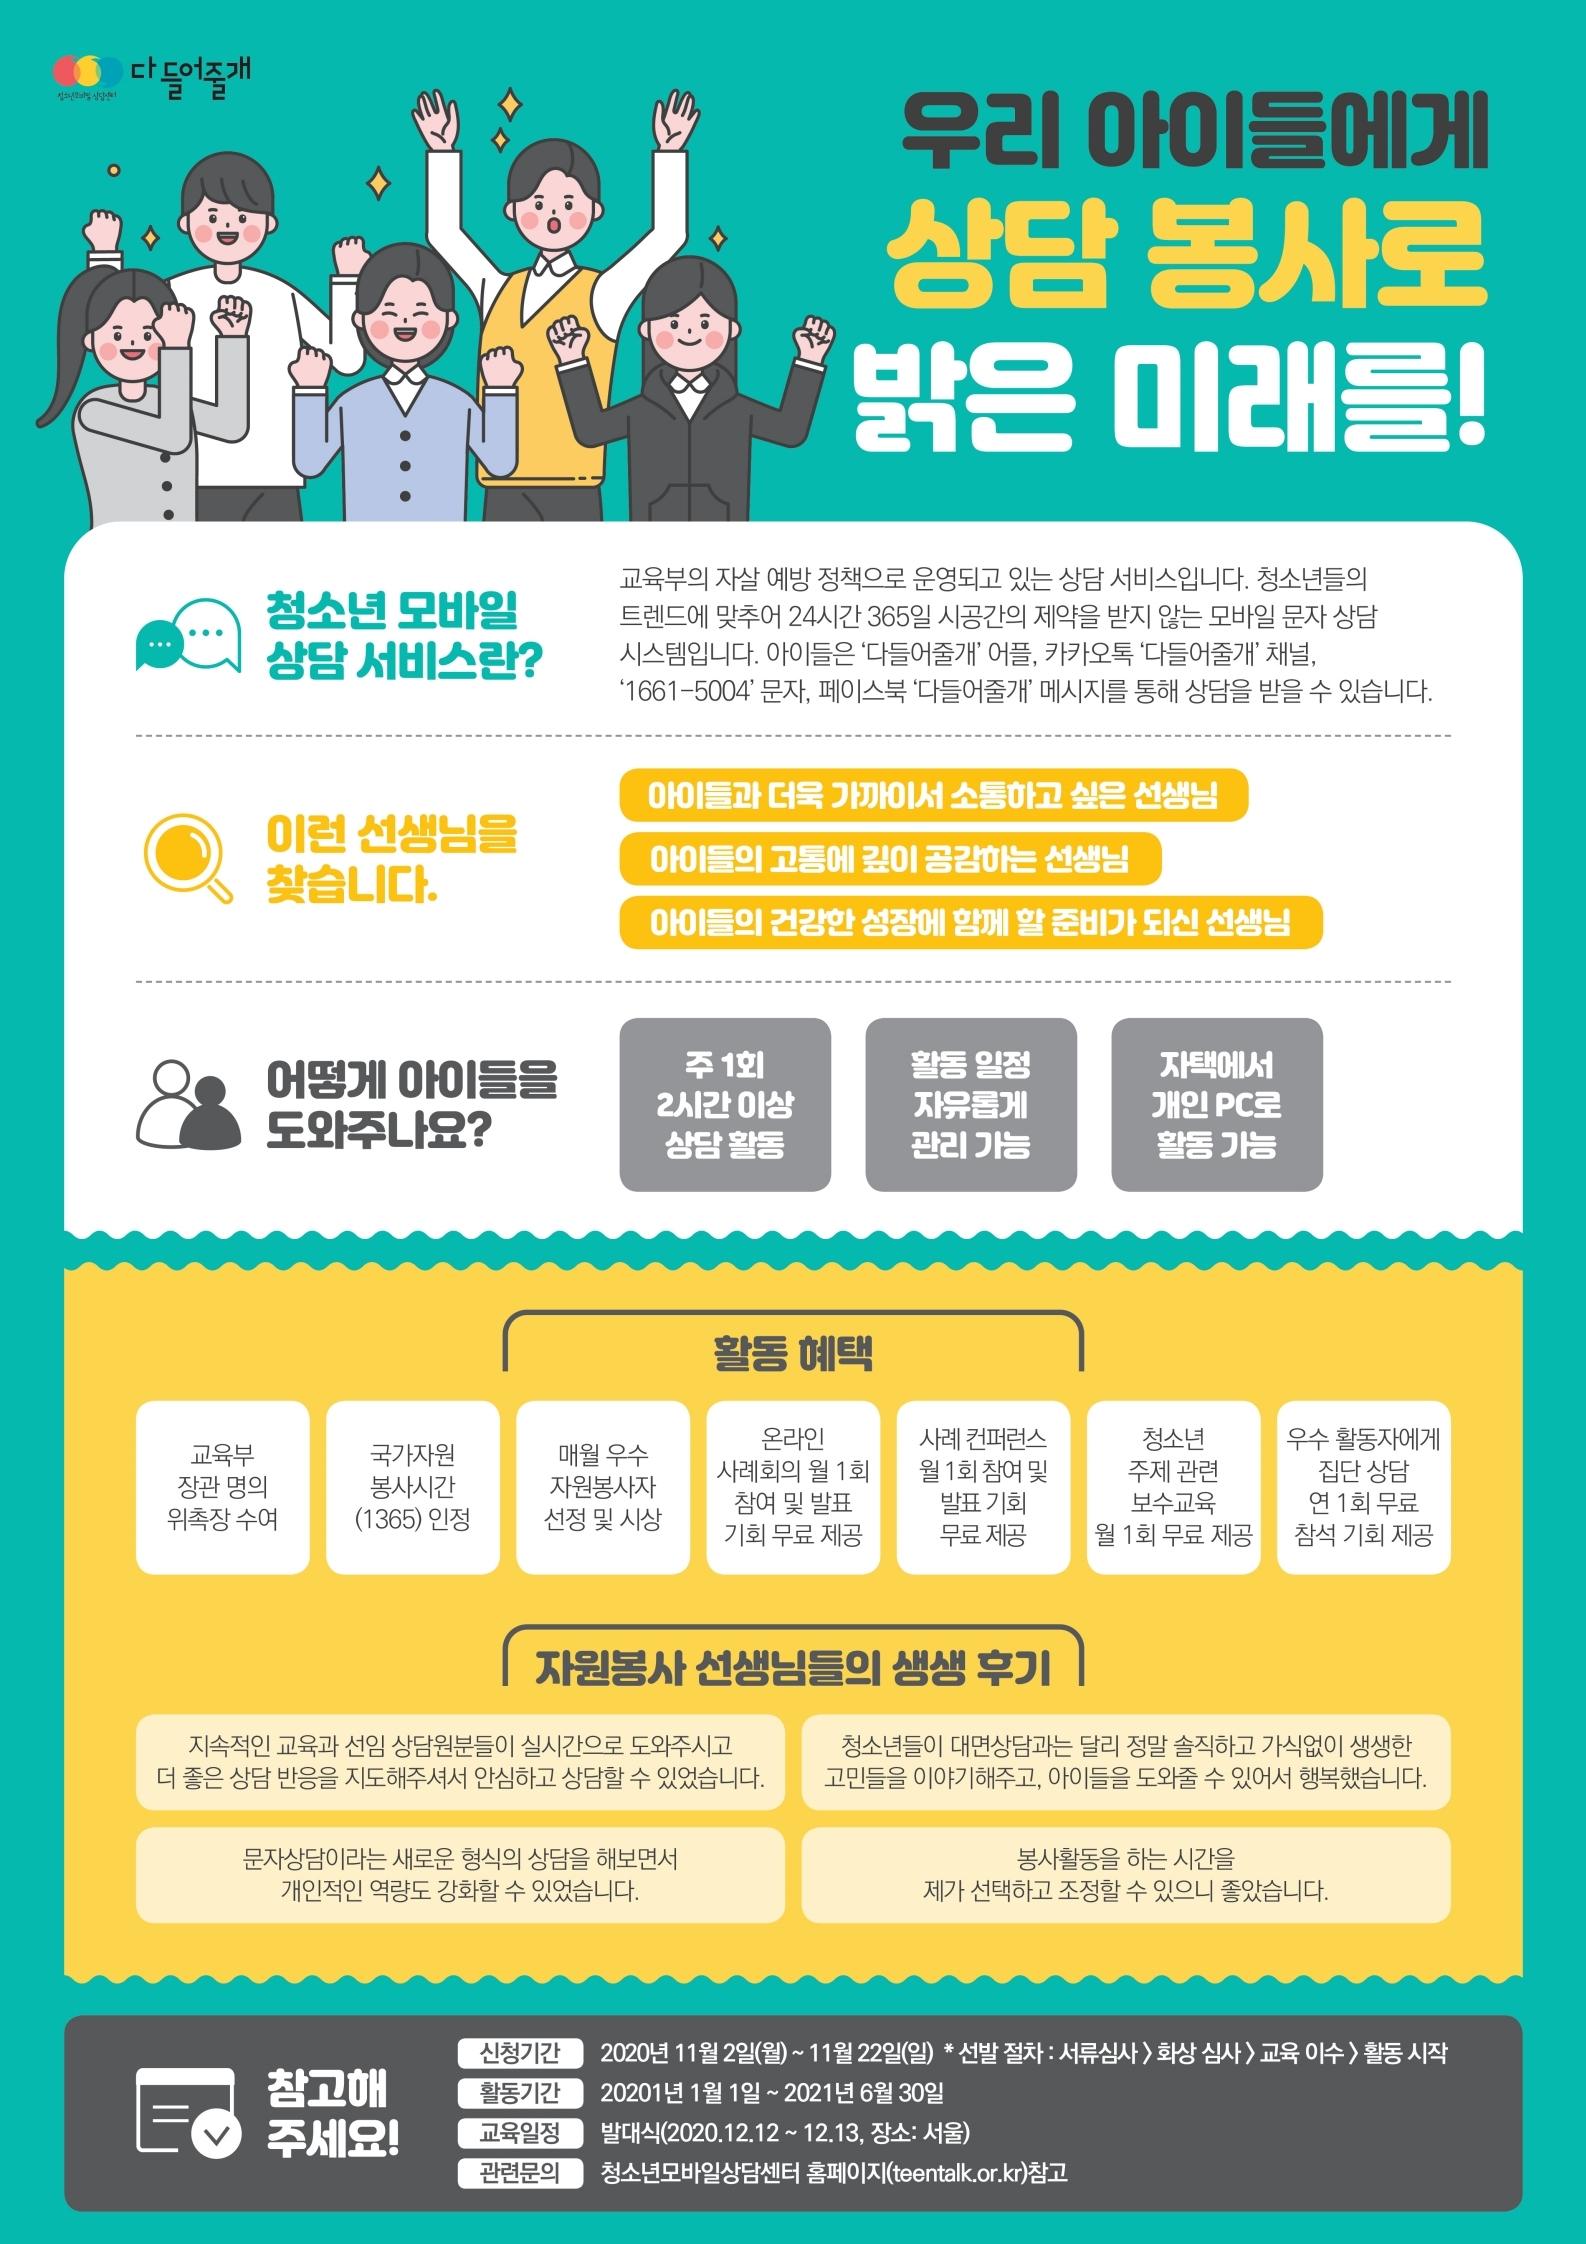 2021년 청소년 모바일 상담센터 자원봉사자(6기) 모집 안내